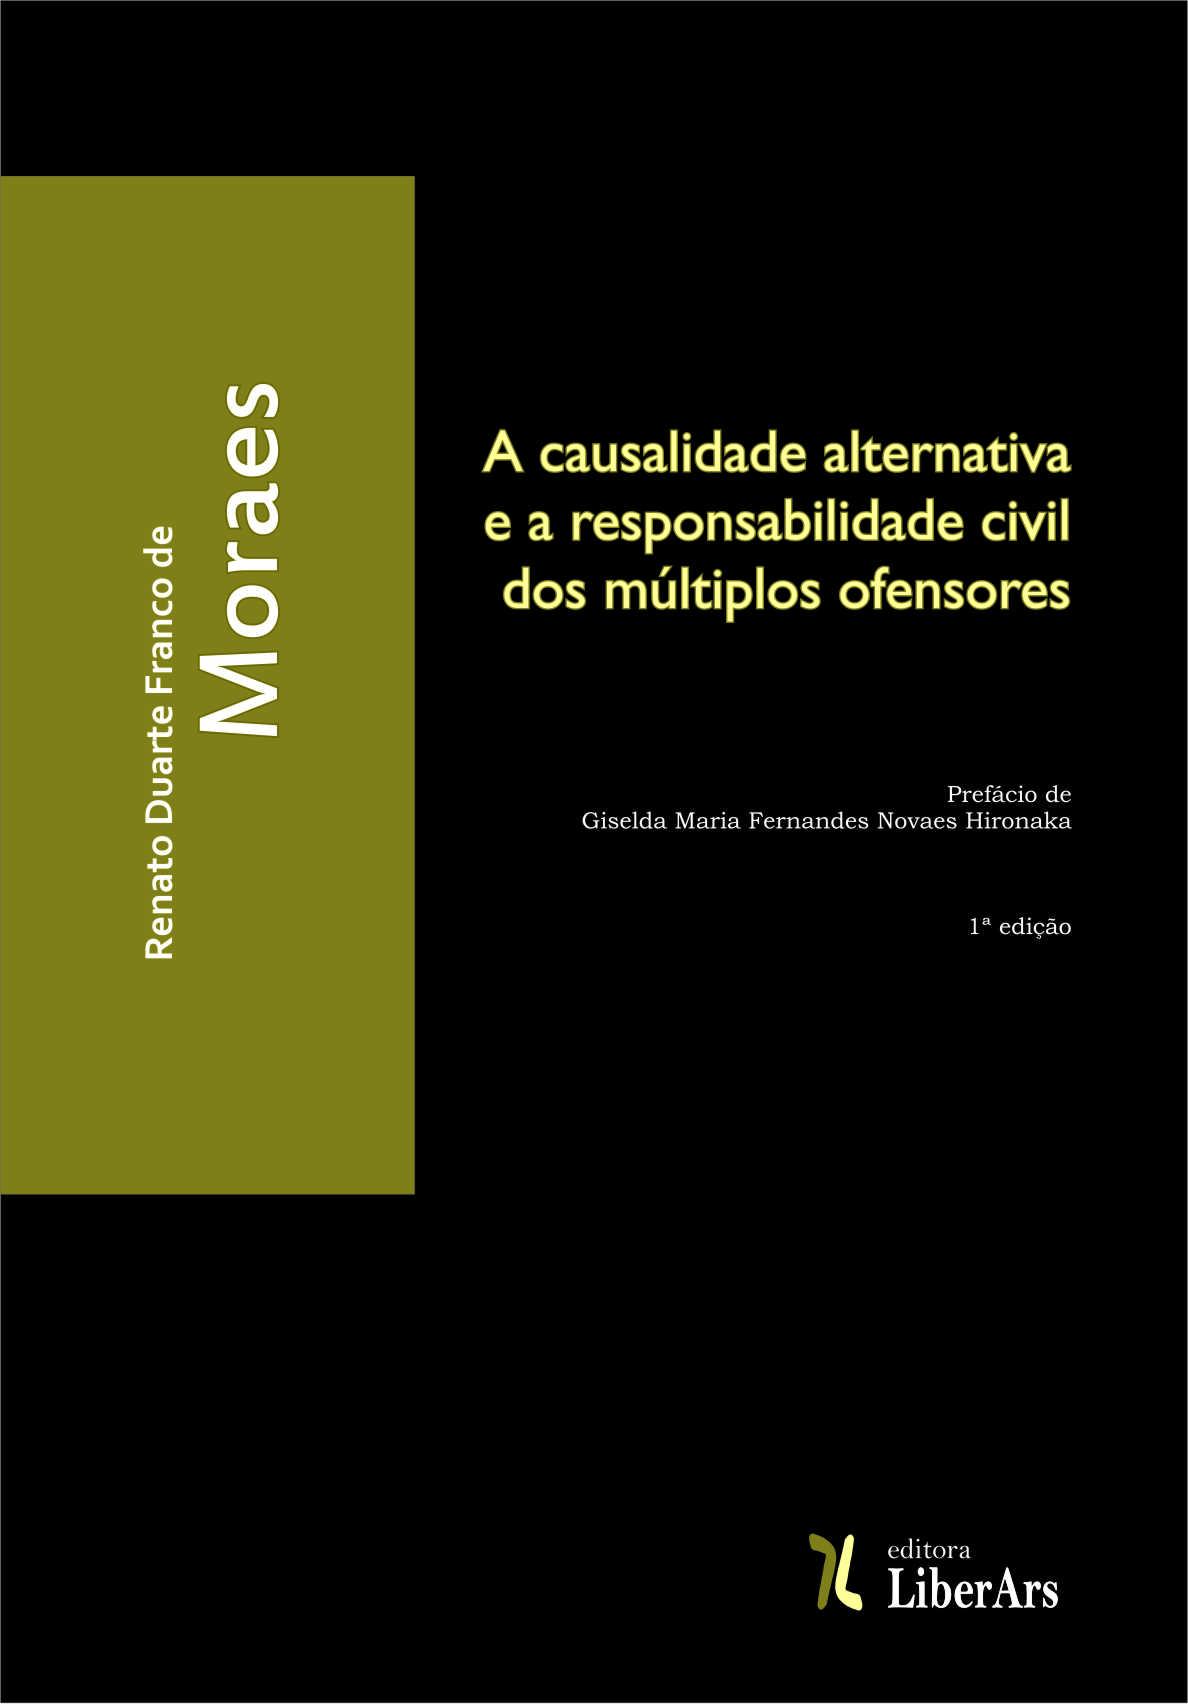 Causalidade alternativa e a responsabilidade civil dos múltiplos ofensores, A, livro de Renato Duarte Franco de Moraes